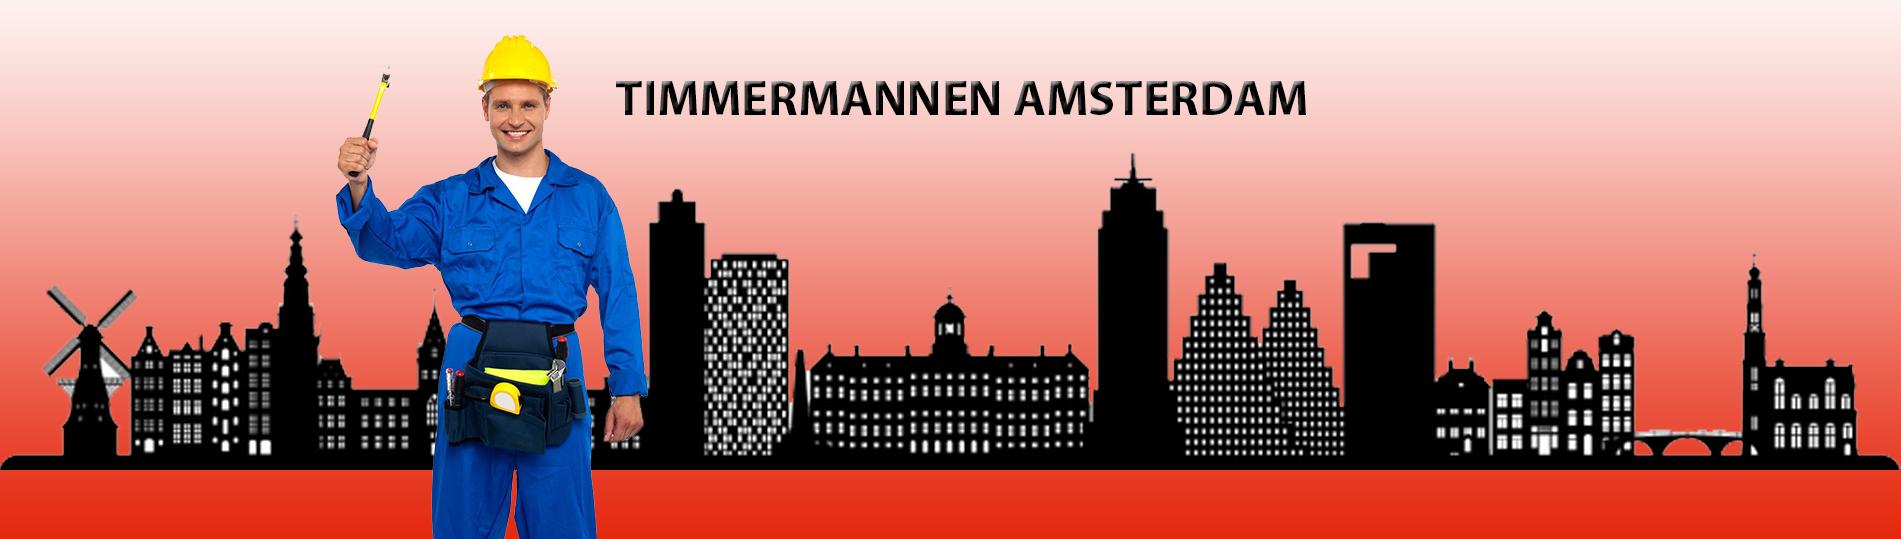 TIMMERMANNEN-AMSTERDAM-SLIDER